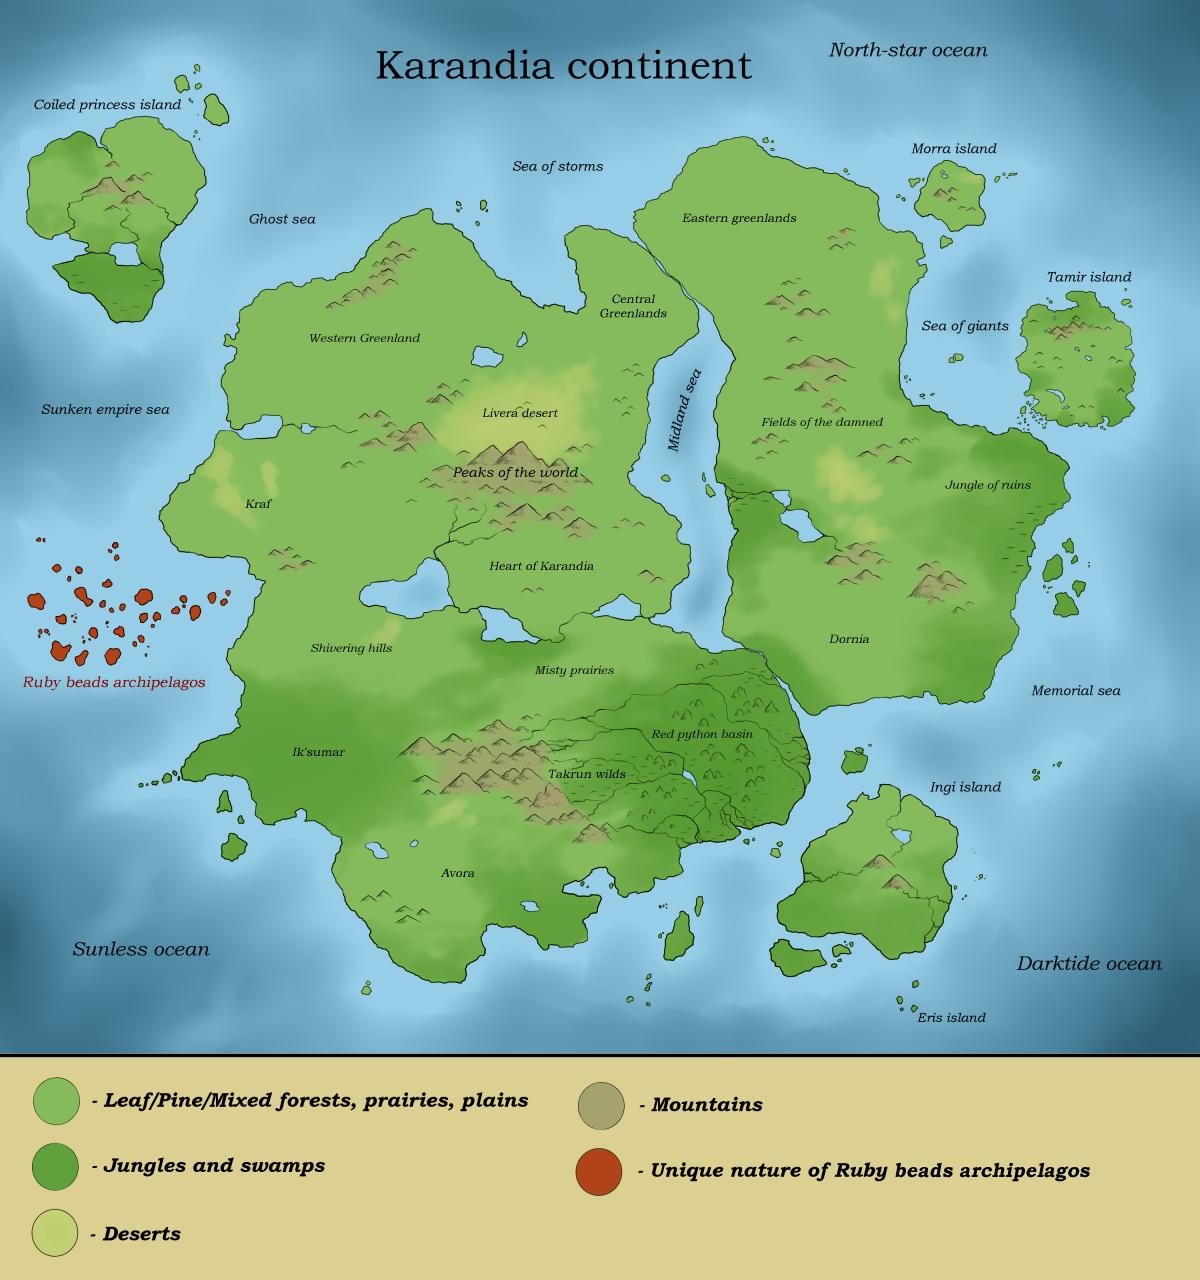 Karandia continent